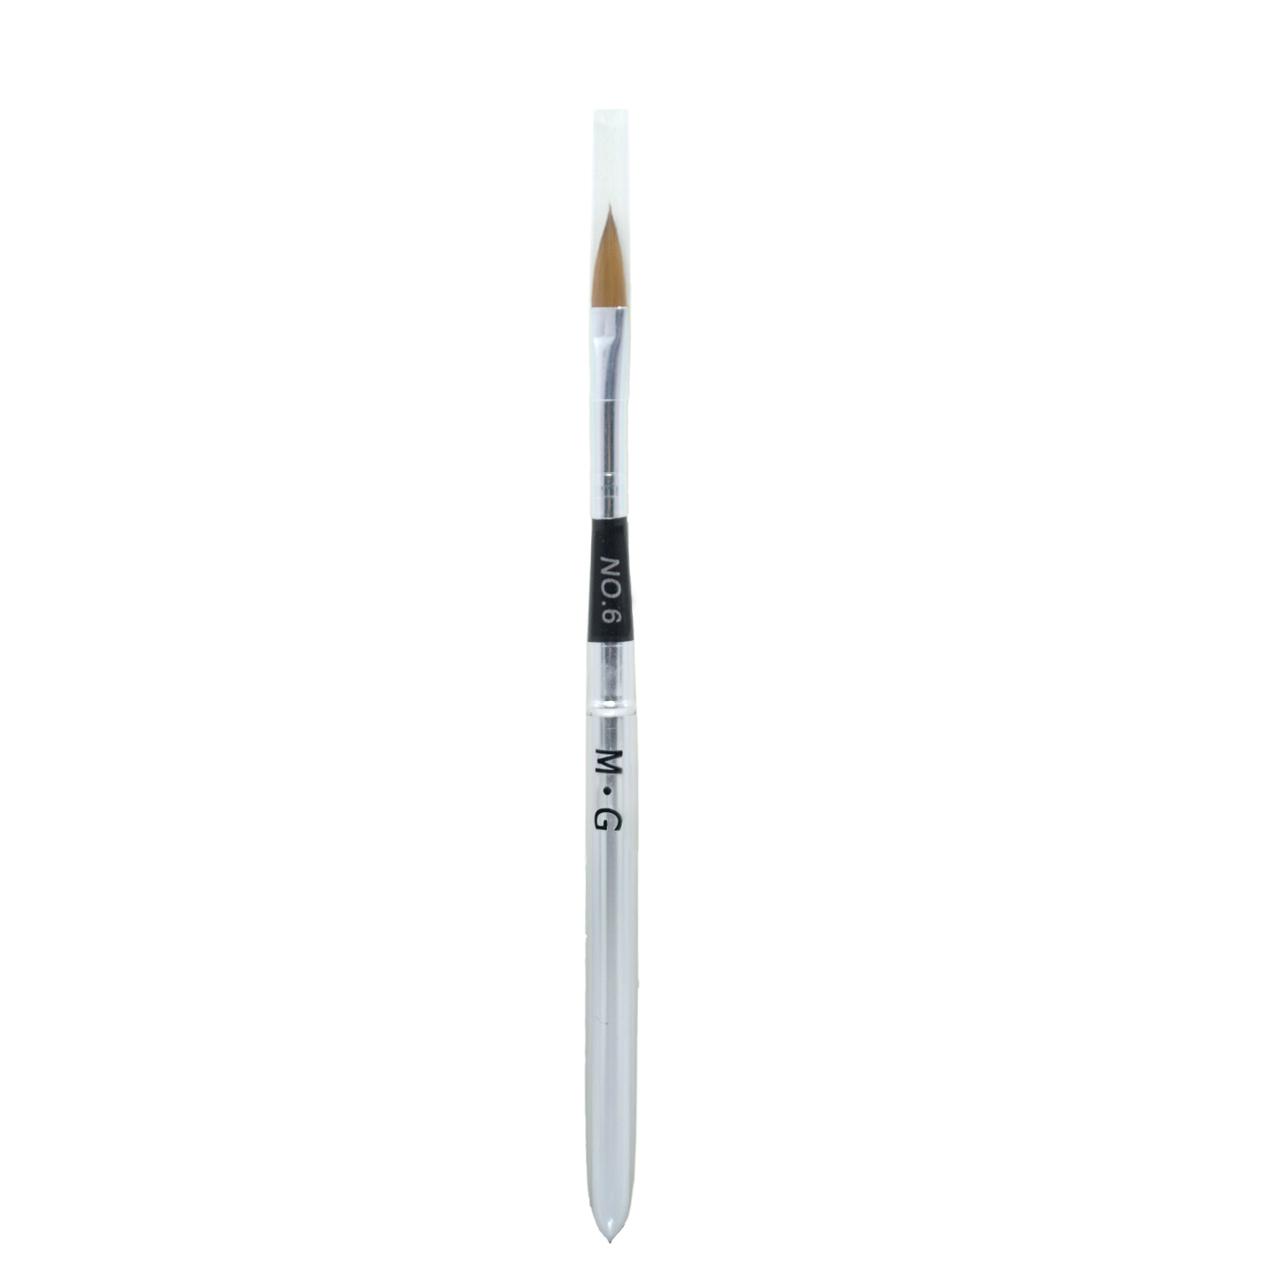 قلم موی کاشت ناخن ام. جی شماره 6